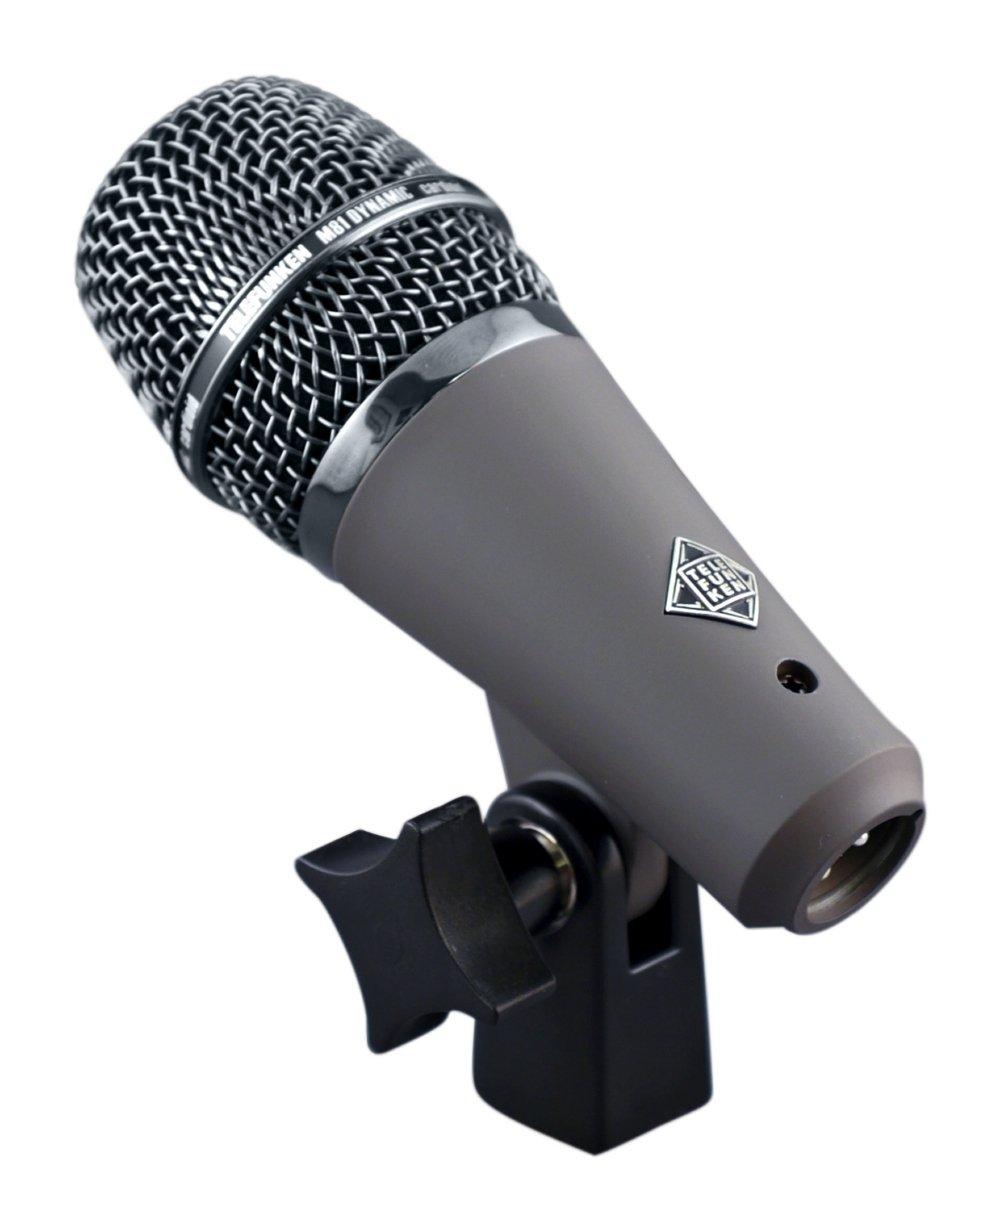 Telefunken M81-SH Dynamic Microphone by Telefunken